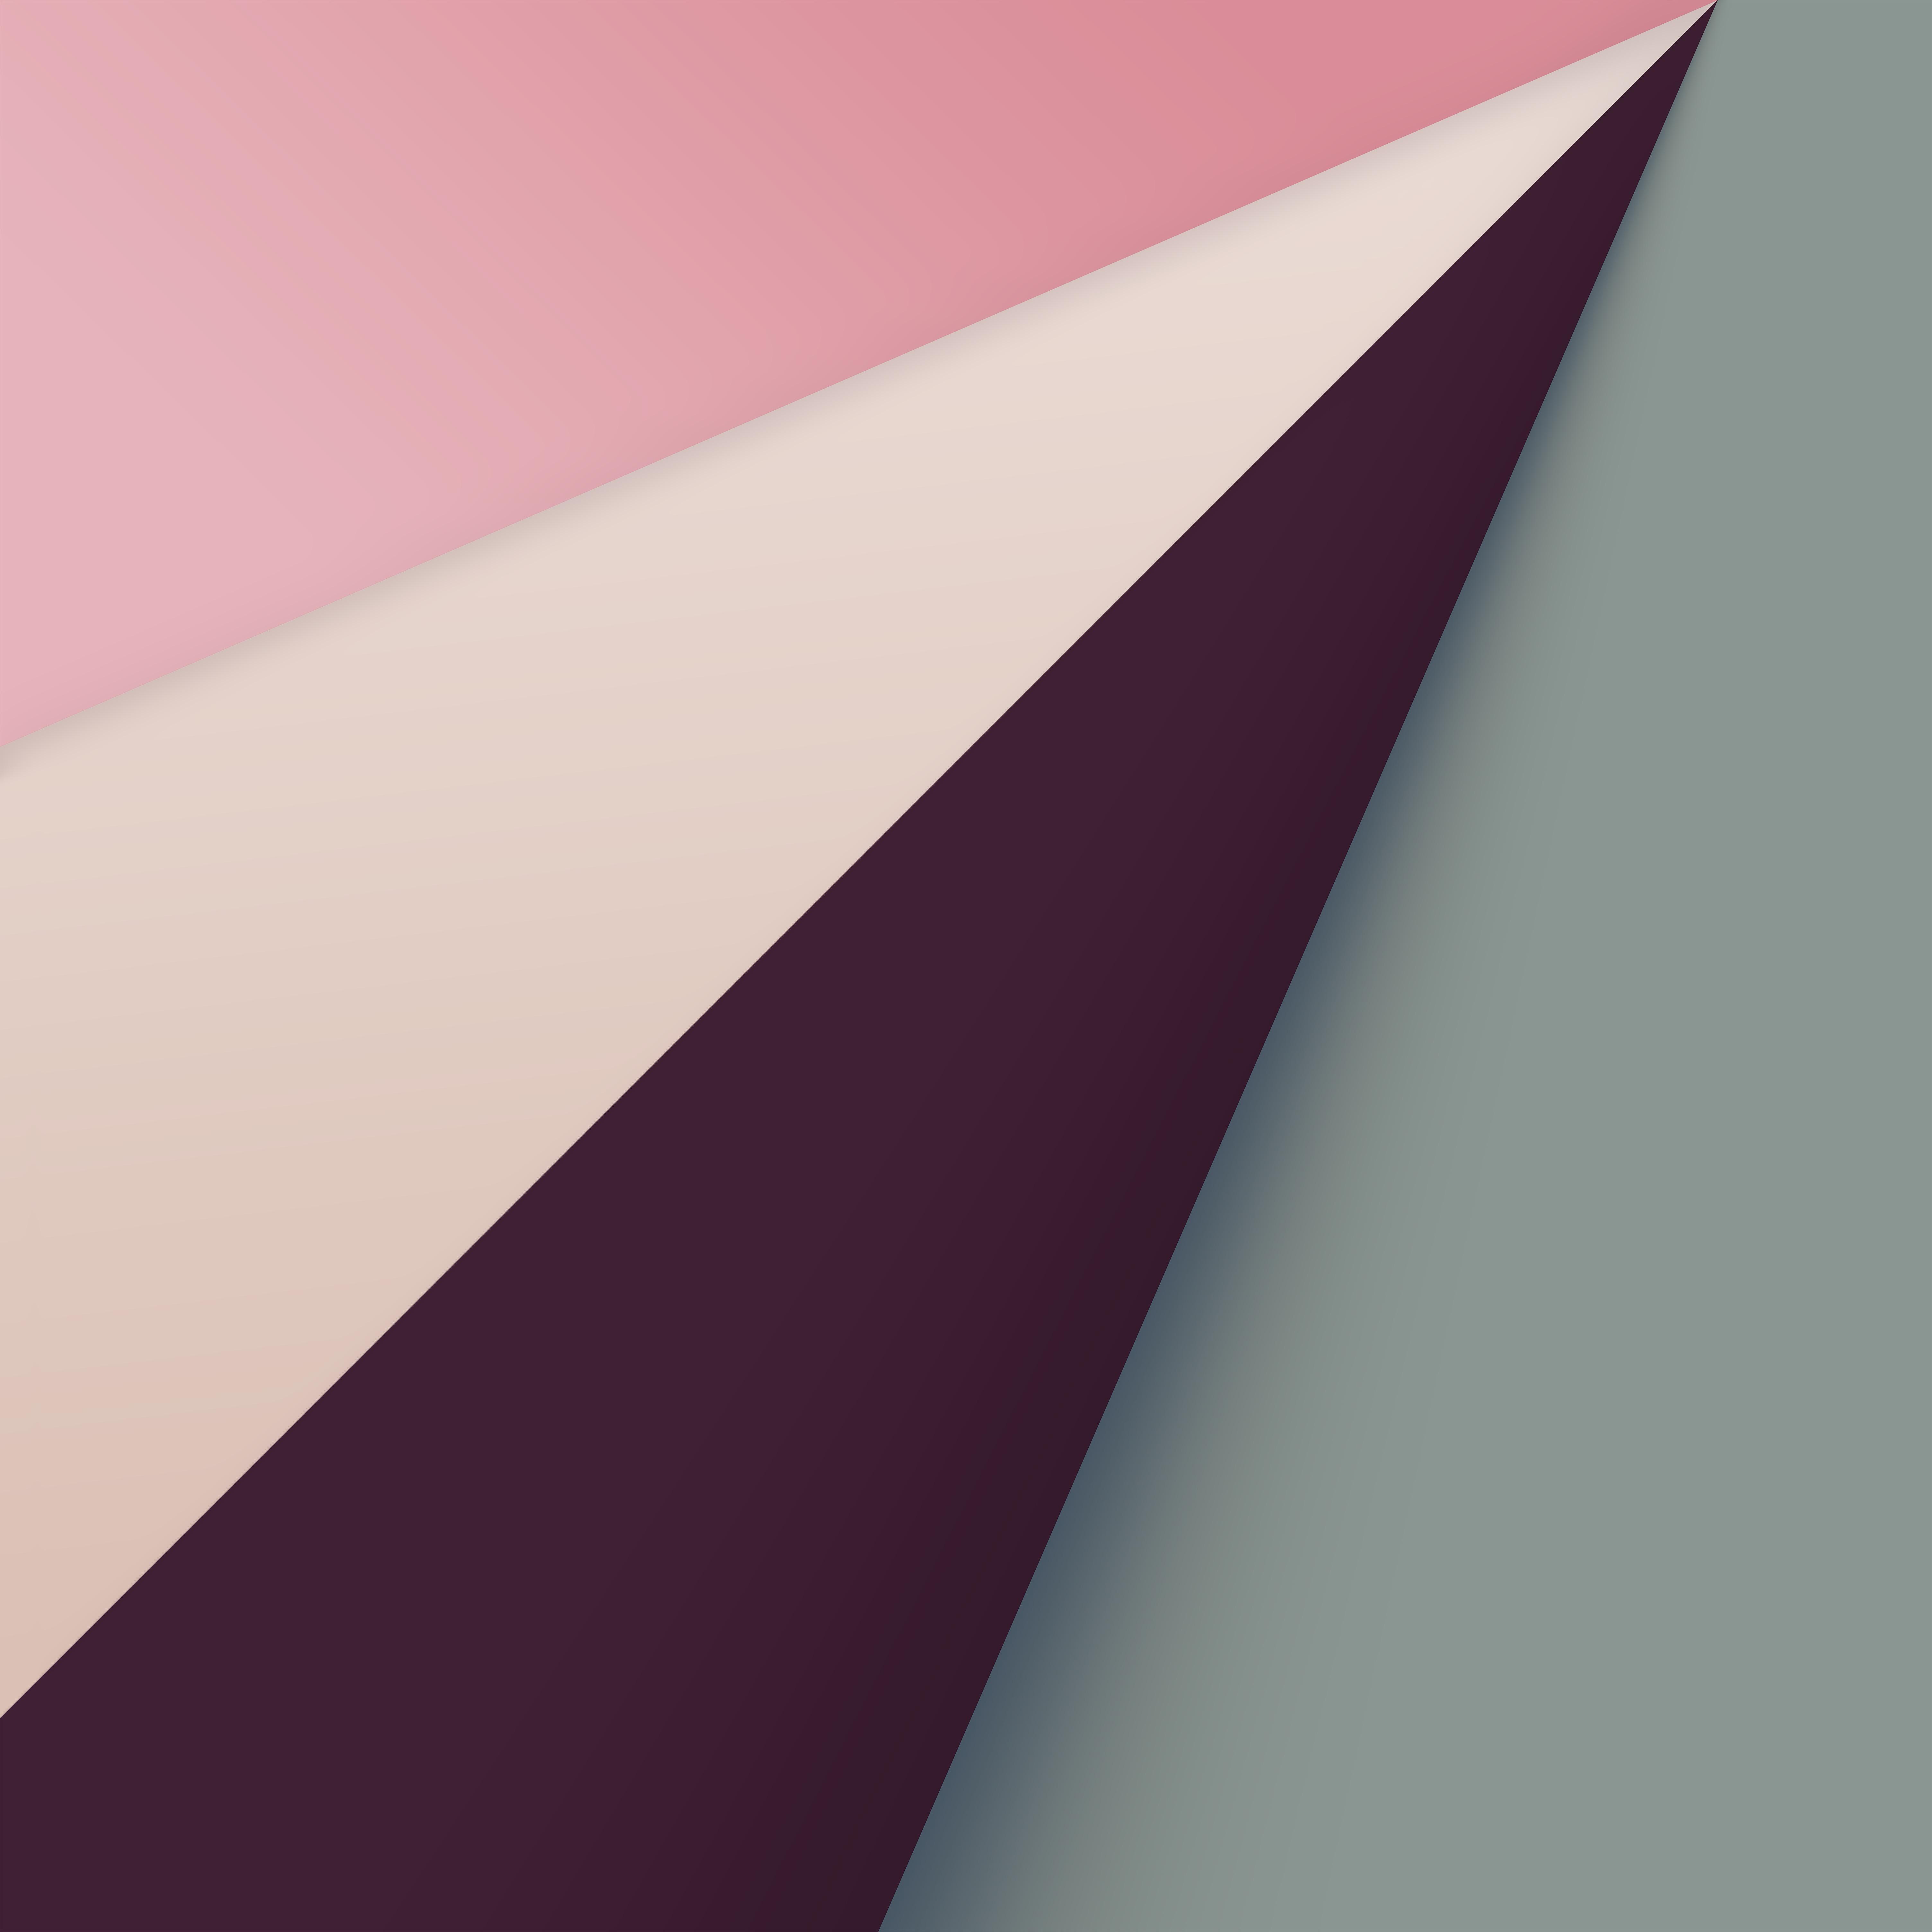 macOS Big Sur Wallpaper Pink